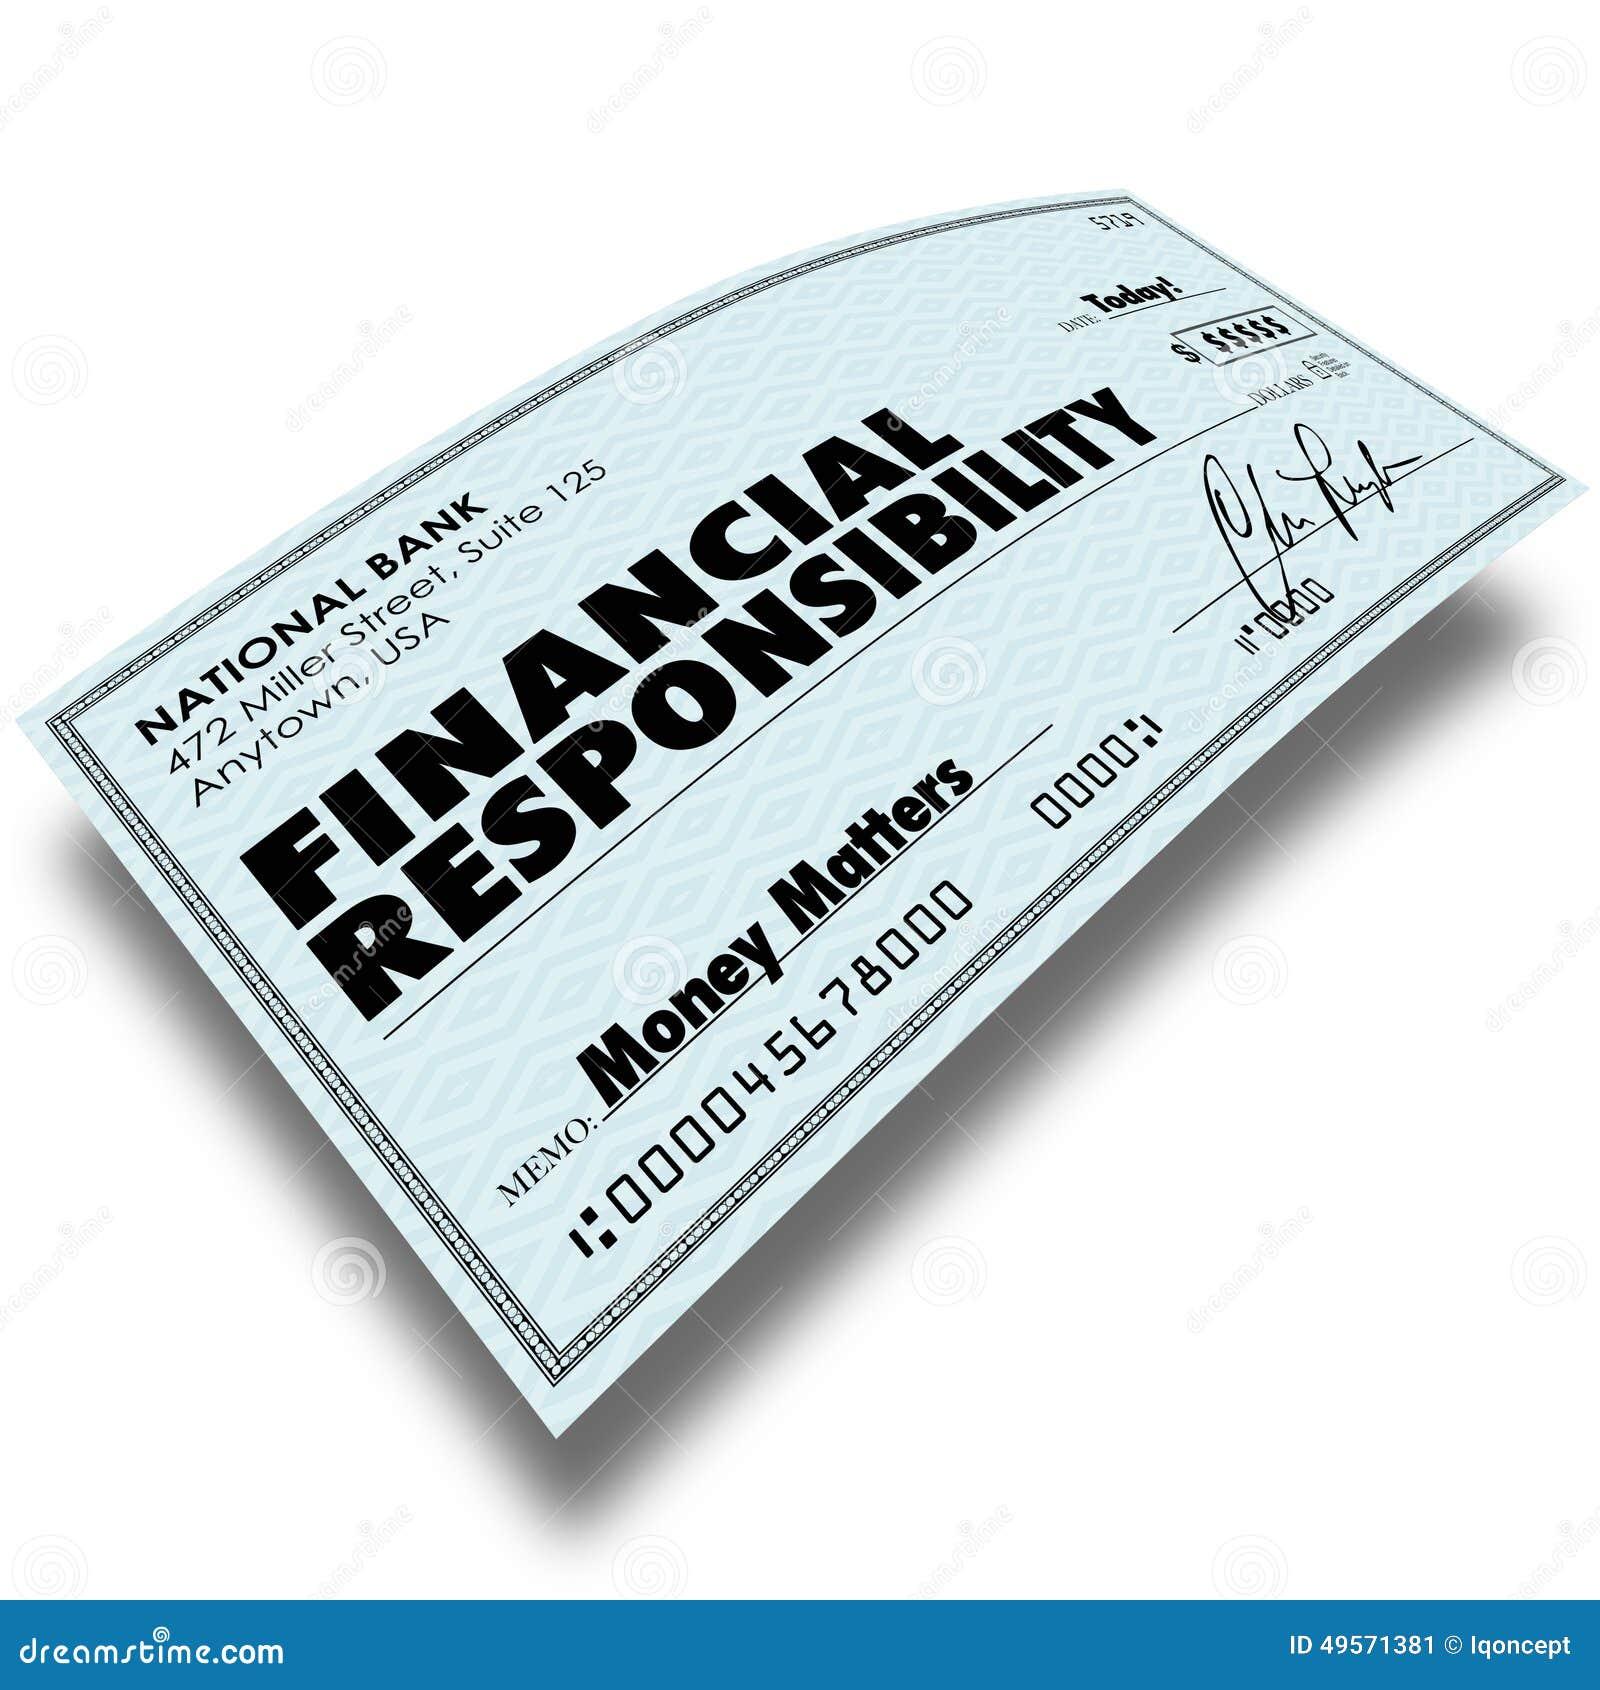 Finansiell ansvarkontroll Bill Payment Money Owed Paying De